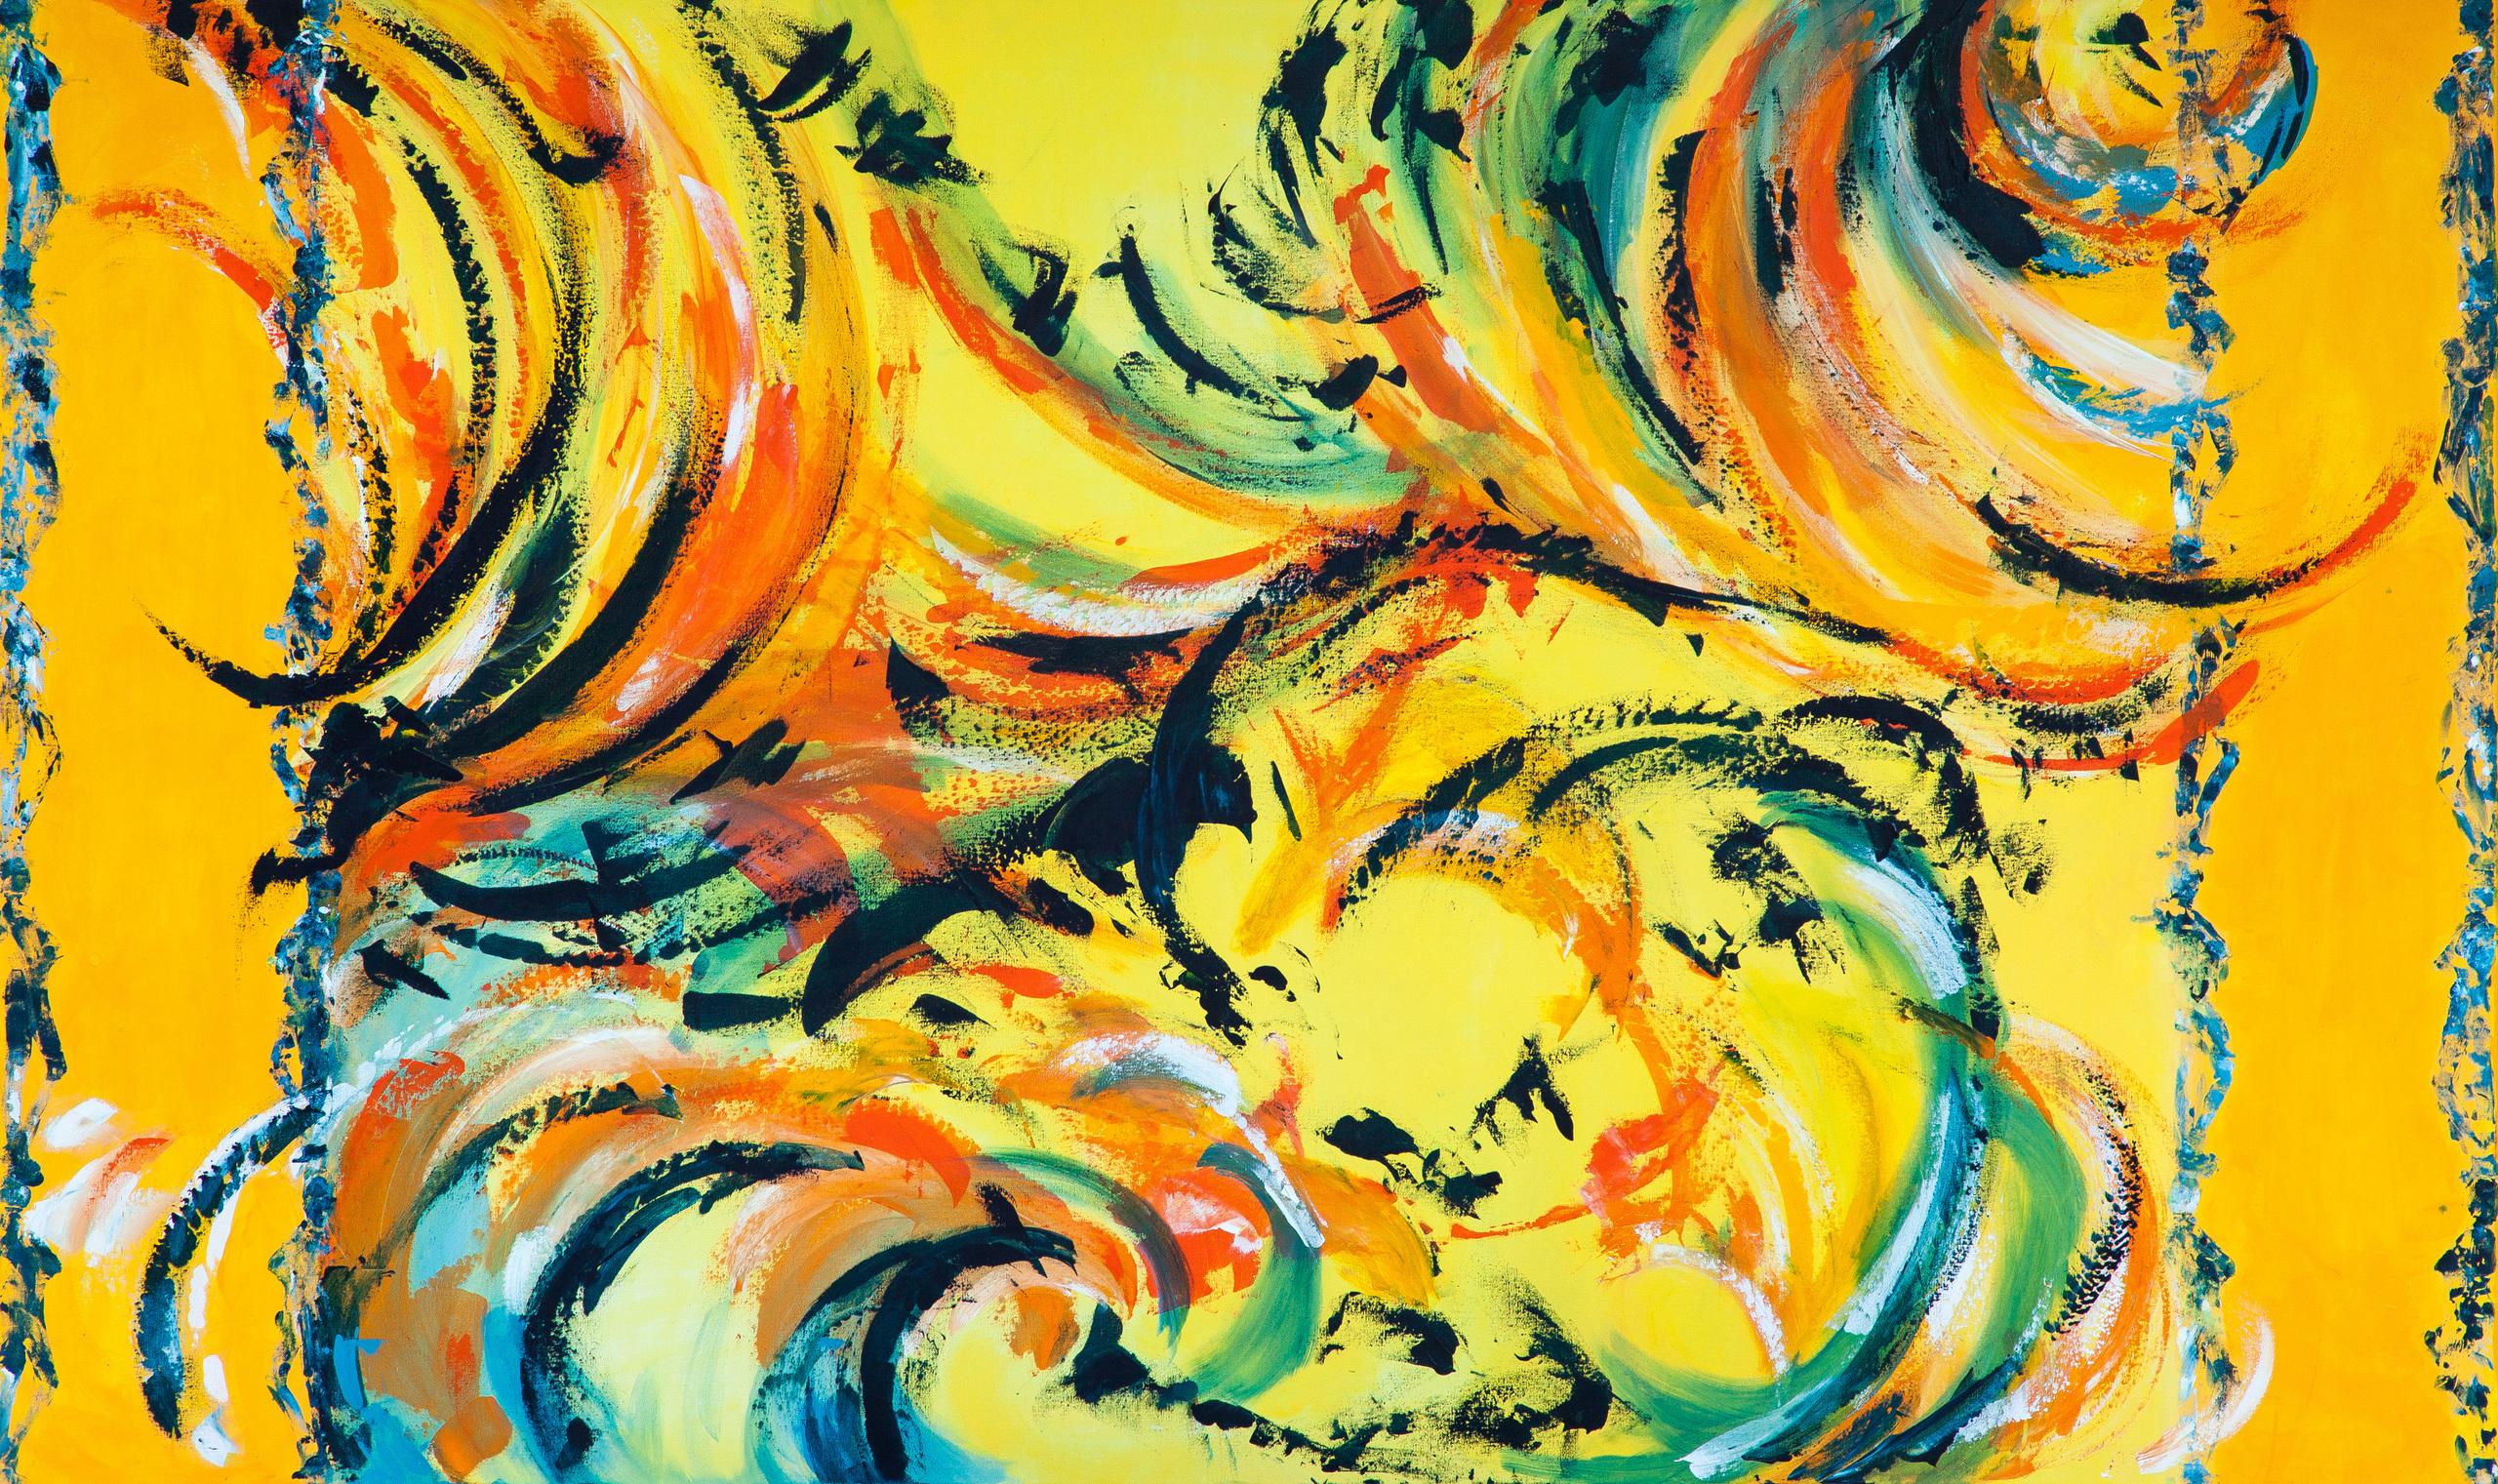 Stort farverigt abstrakt maleri med masser af dynamik. Inspirationen er hentet fra sort sol.